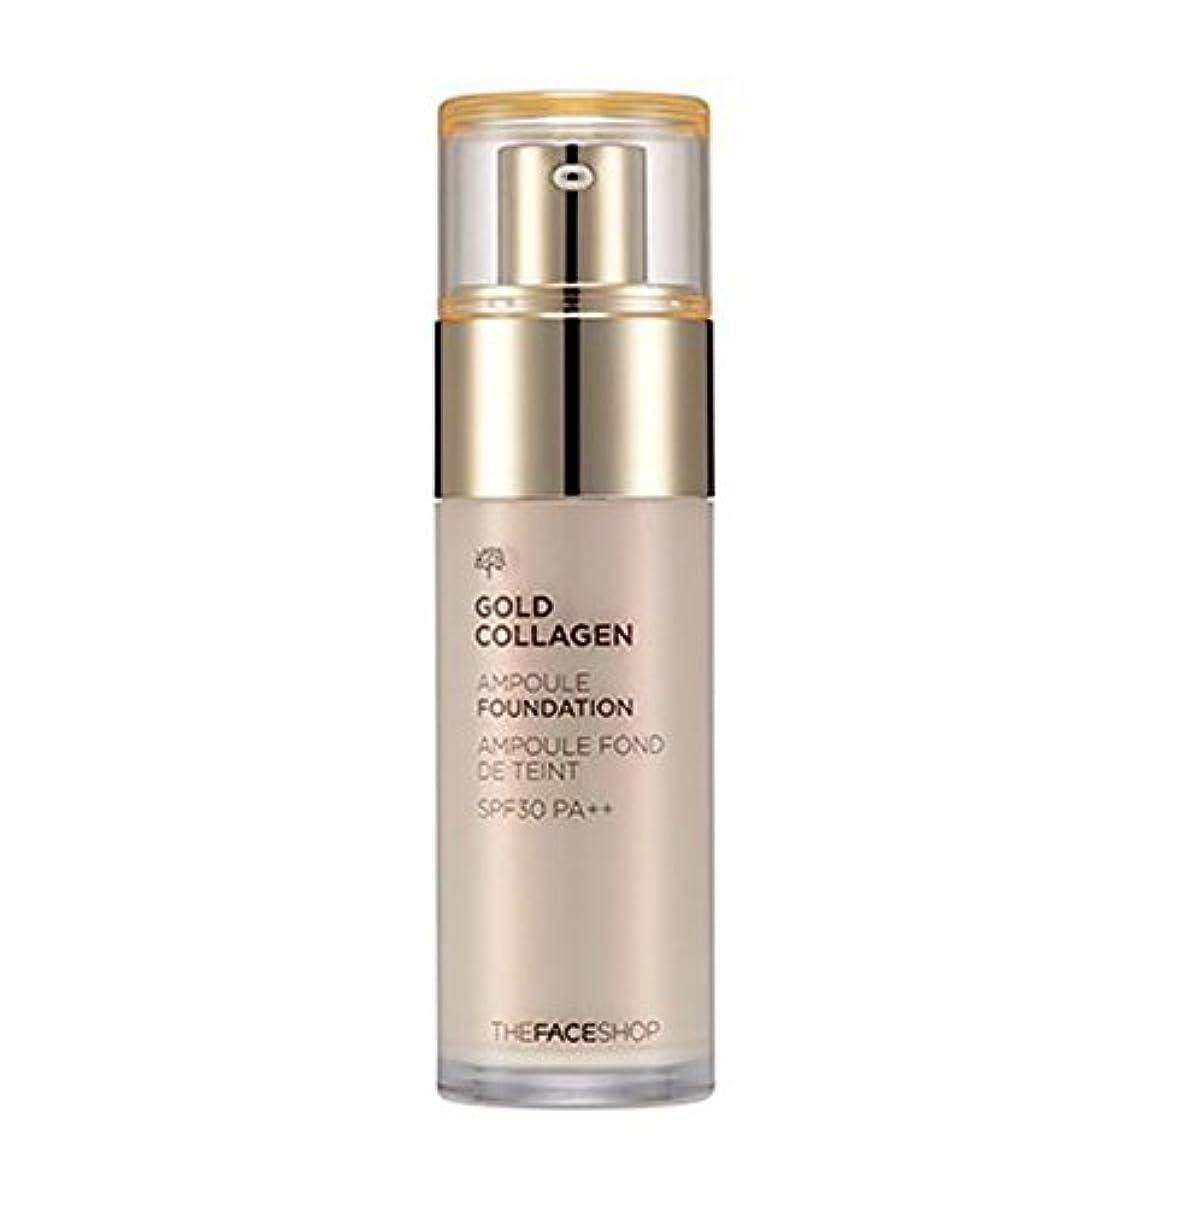 いじめっ子ファンブル寄生虫.ザ·フェイスショップ ゴールドコラーゲンアンプルファンデーションSPF30 PA +++ 40ml The Face Shop Gold Collagen Ampoule Foundation [海外直送品] (V201...